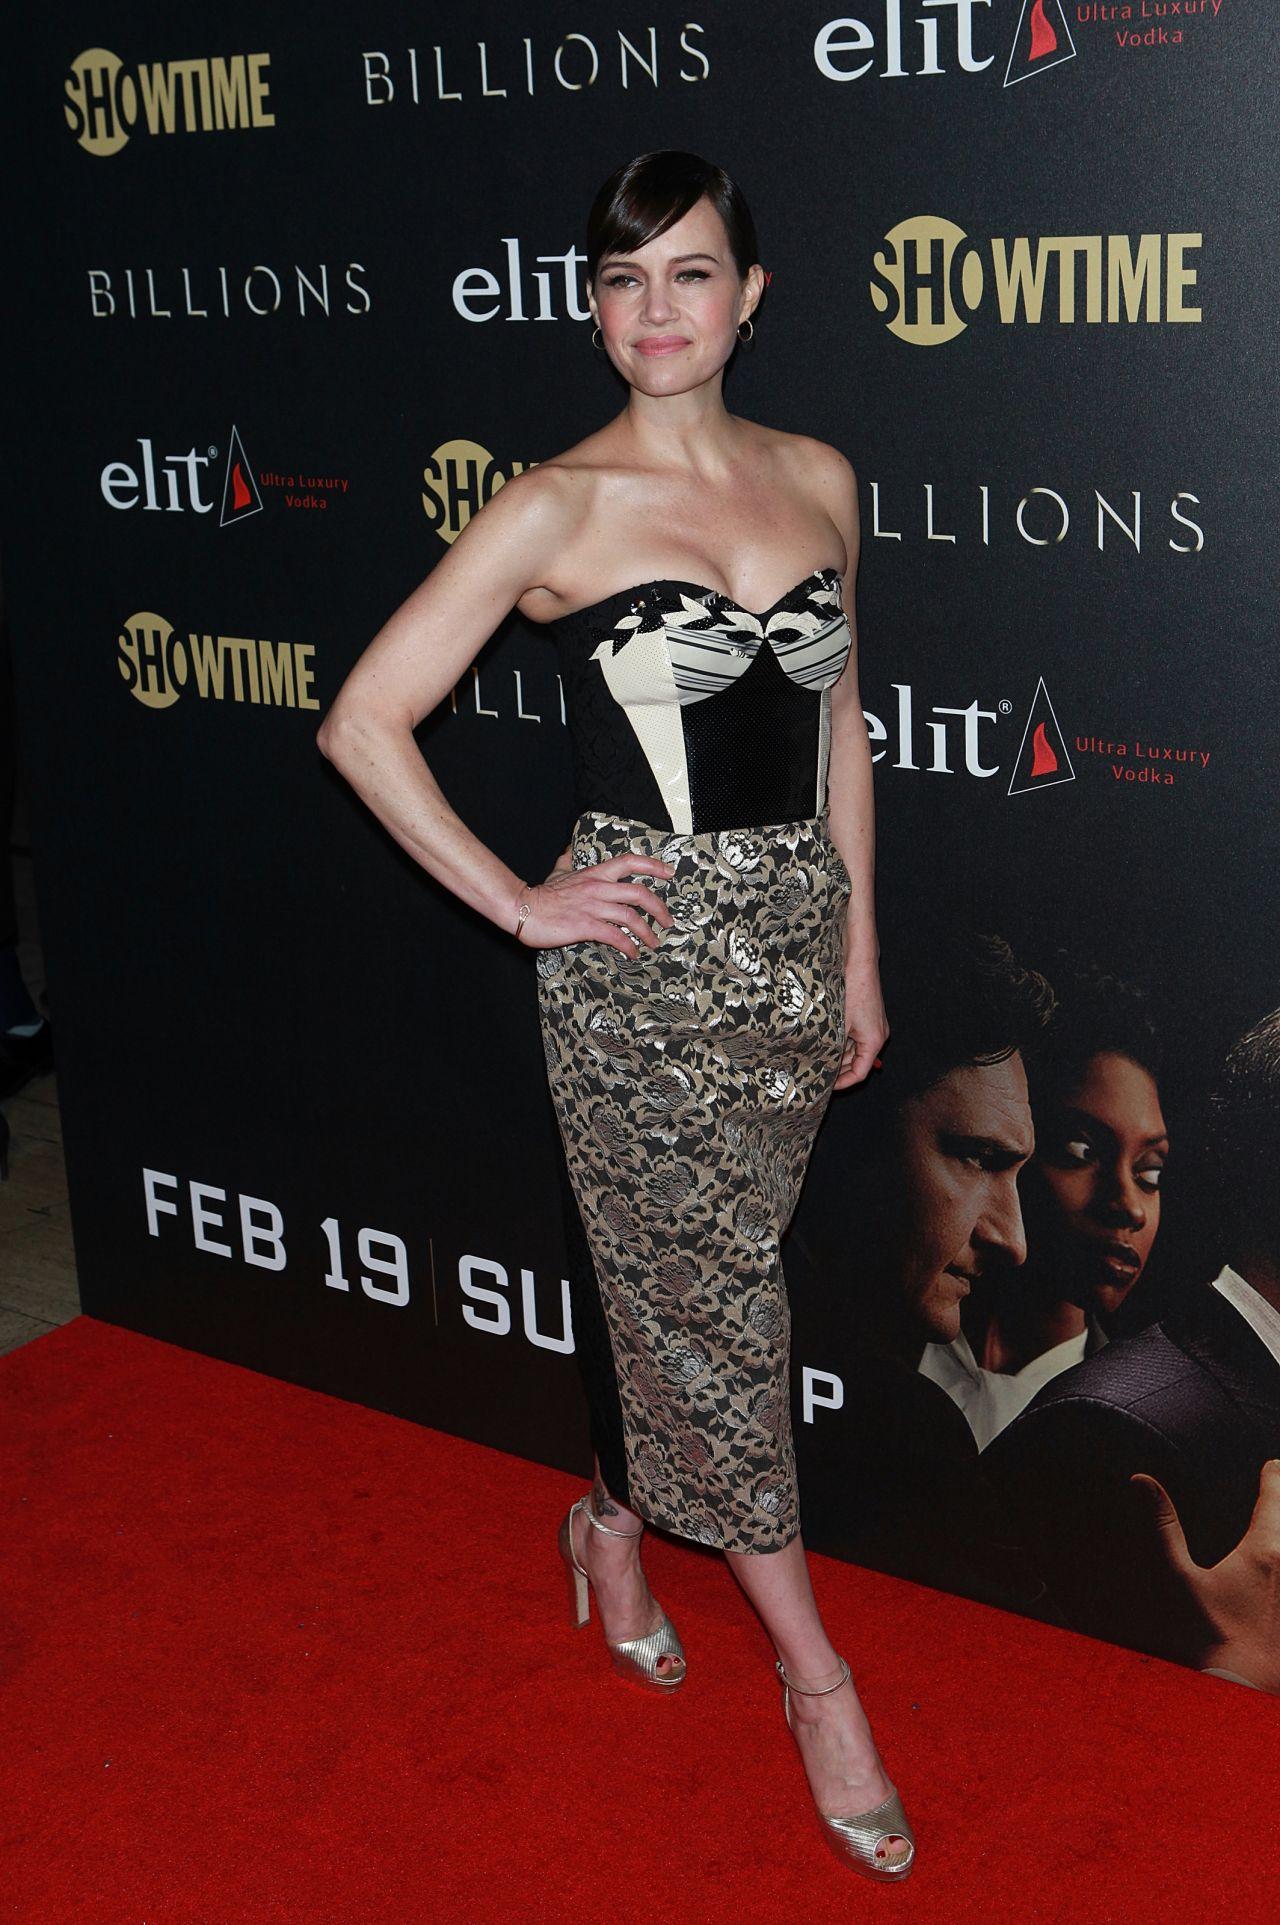 Carla Gugino Billions Season 2 Premiere In Nyc 2 13 2017